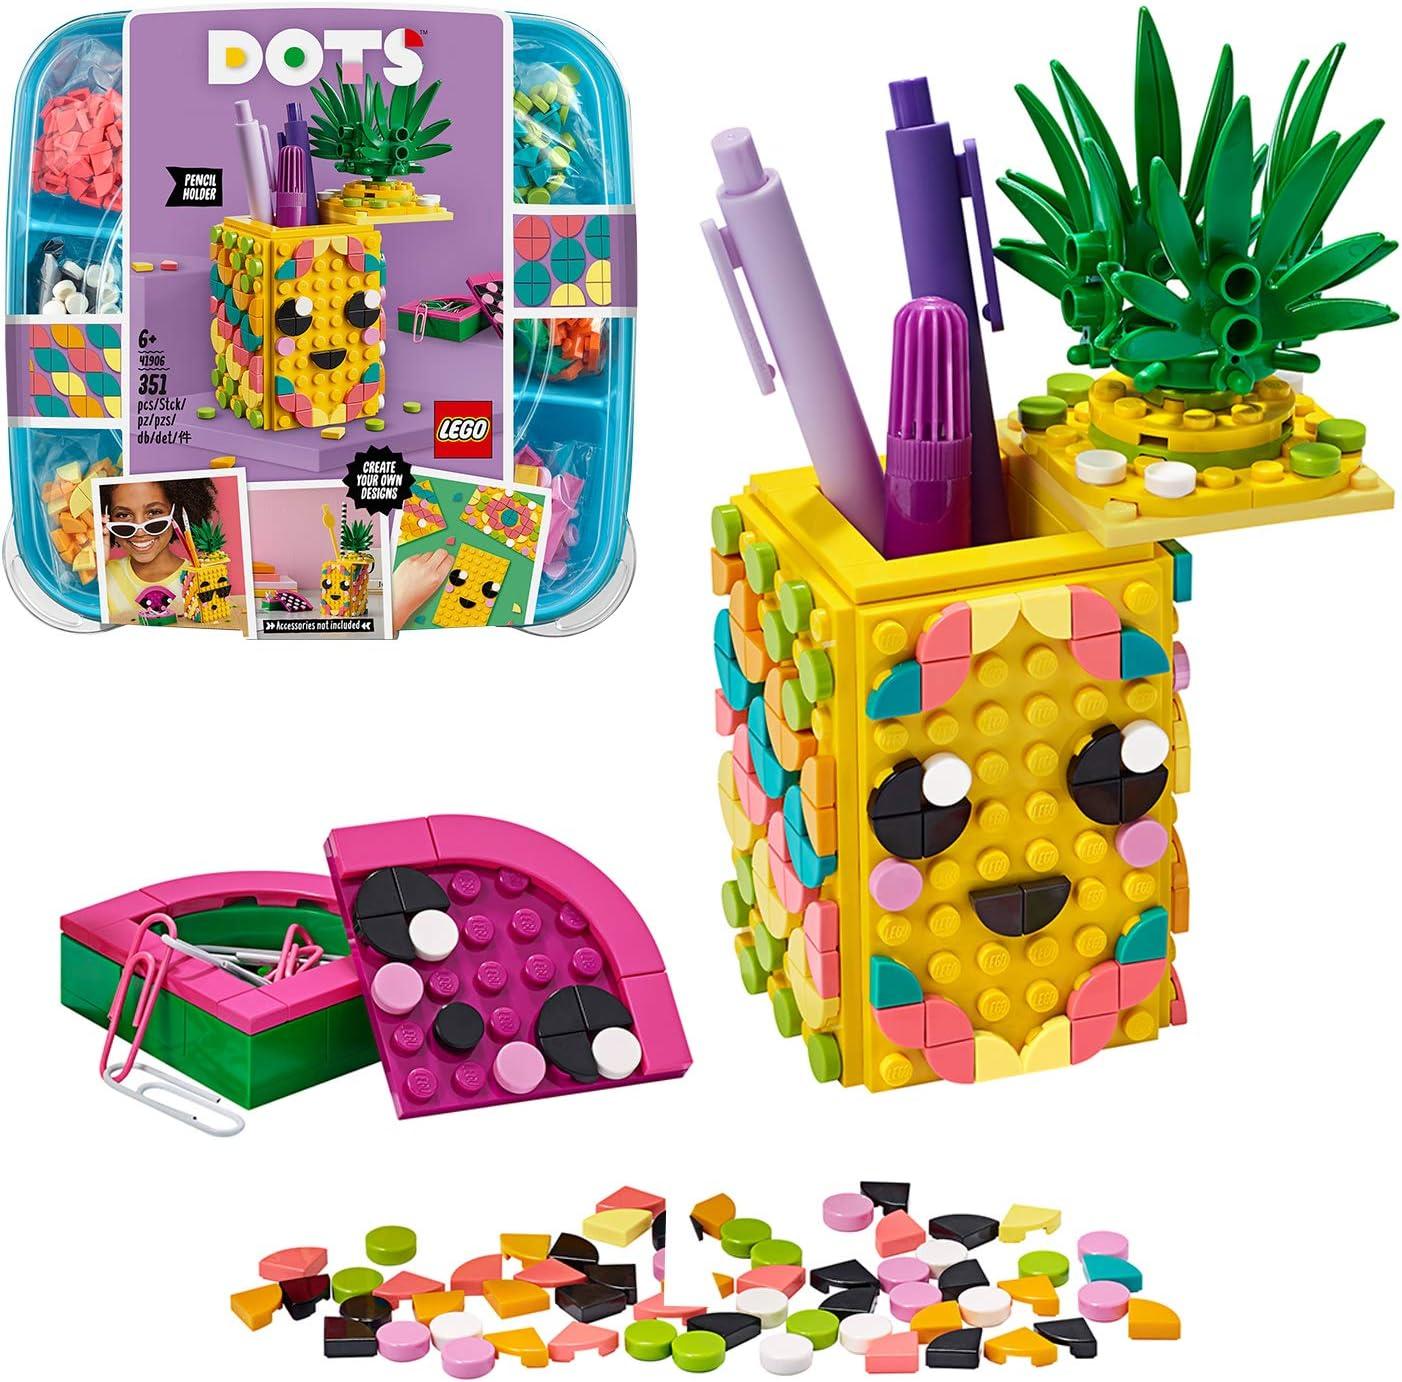 LEGO DOTS - Portalápices Piña, estuche creativo de juguete a partir de 6 años para construir y diseñar portalápices con forma de fruta, incluye piezas decorativas de colores (41906): Amazon.es: Juguetes y juegos